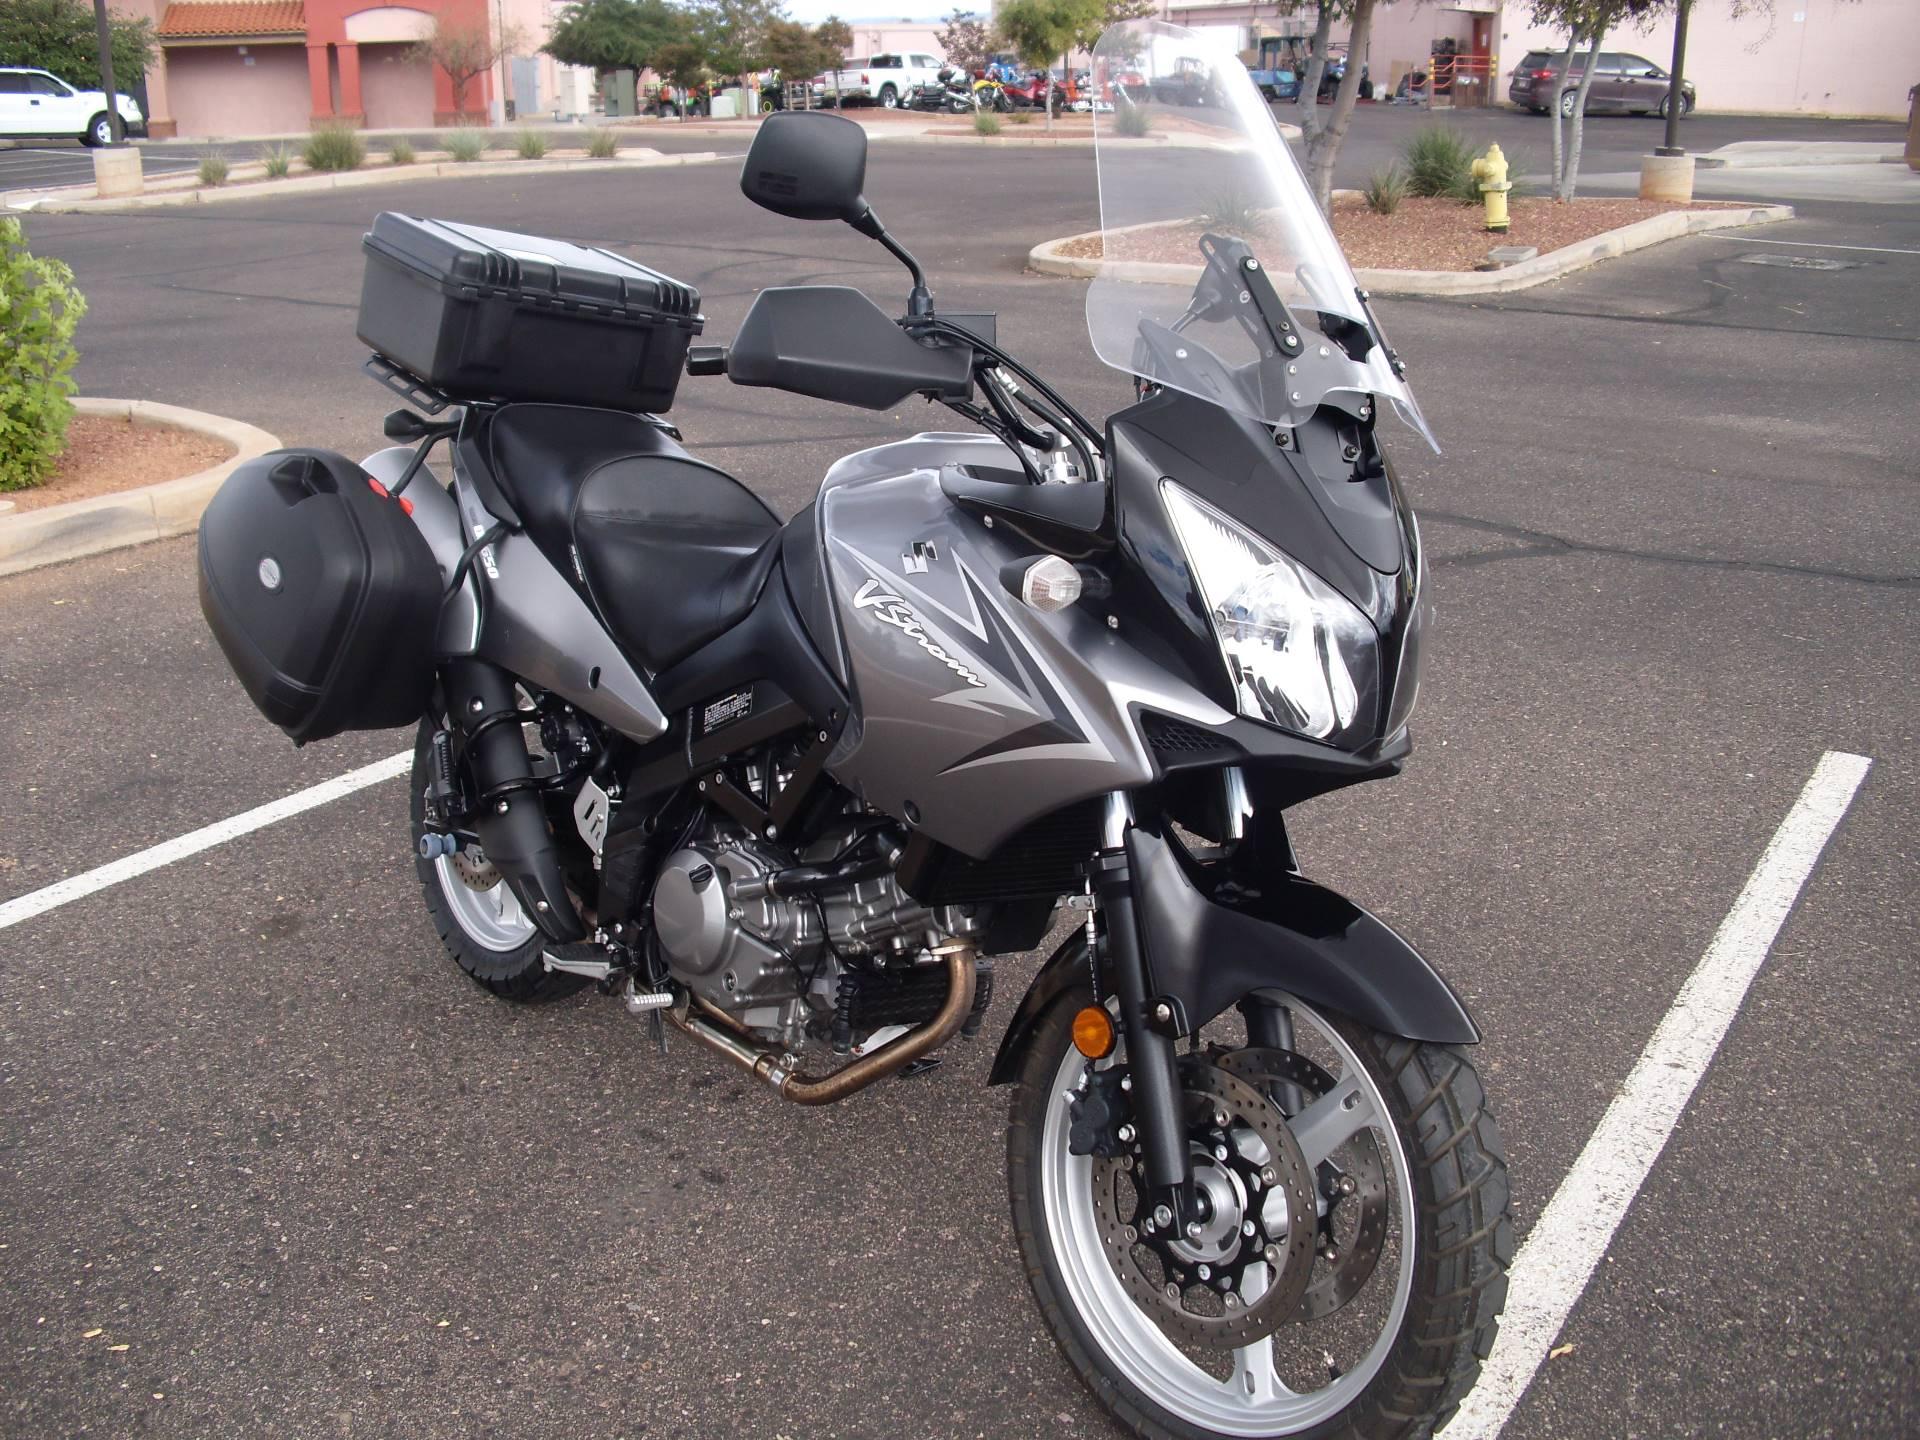 2009 Suzuki V-Strom 650 8